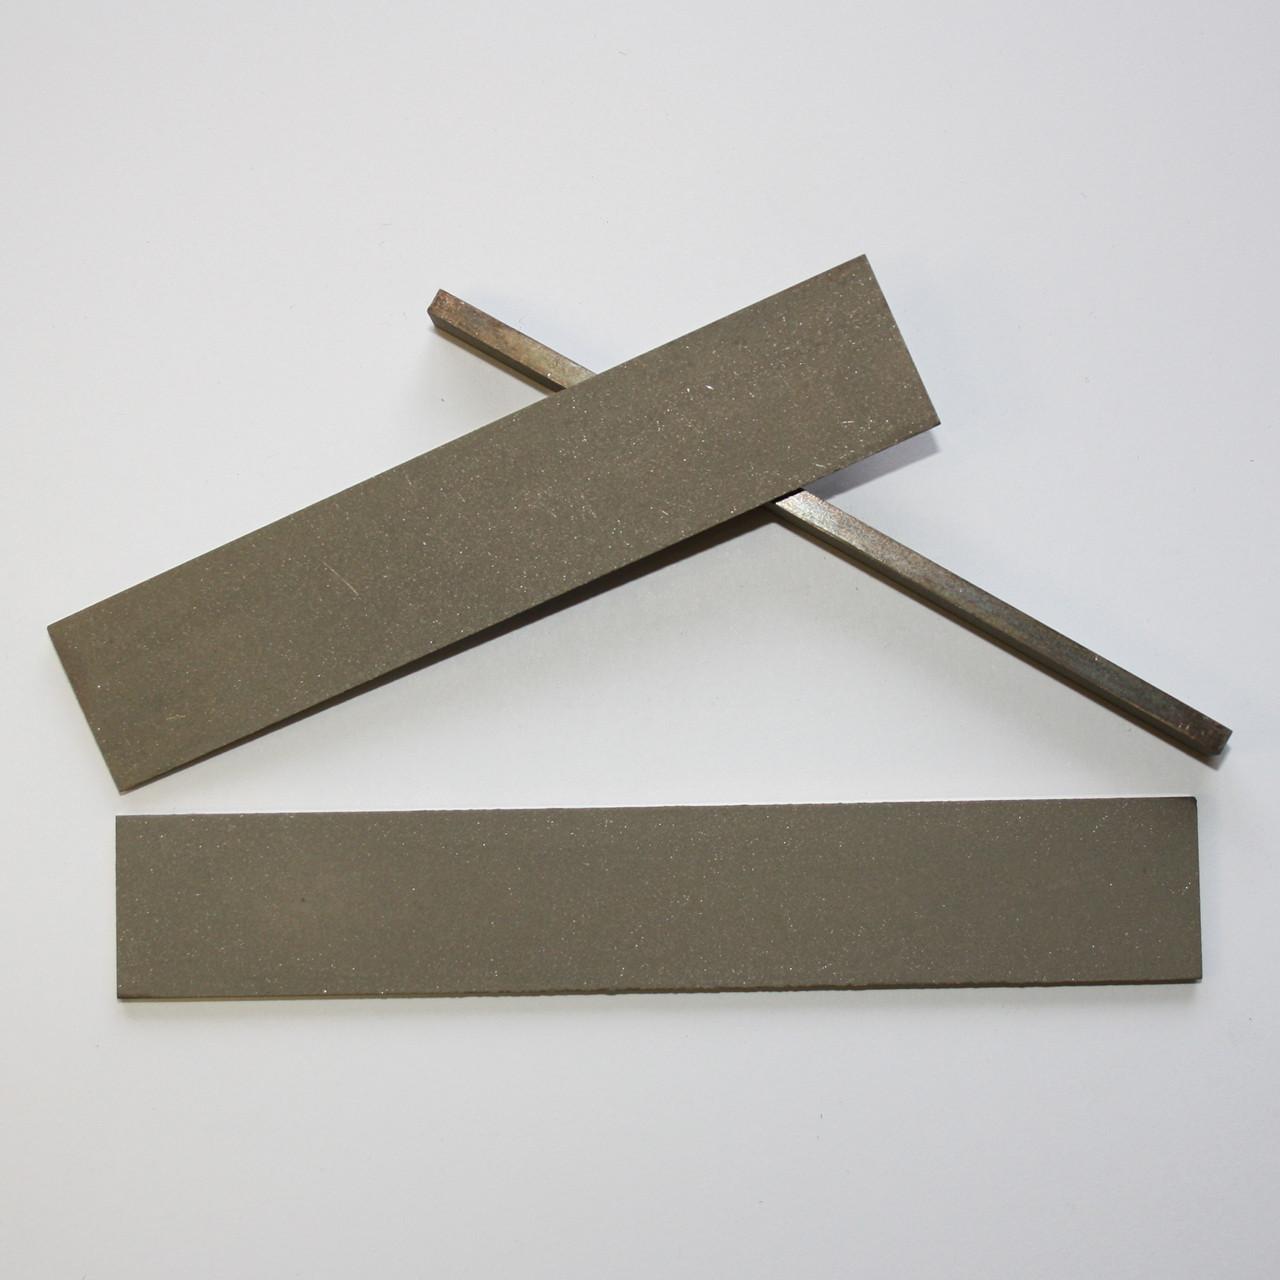 Алмазные бруски для заточки ножей 200х40х3 АСМ 20/14